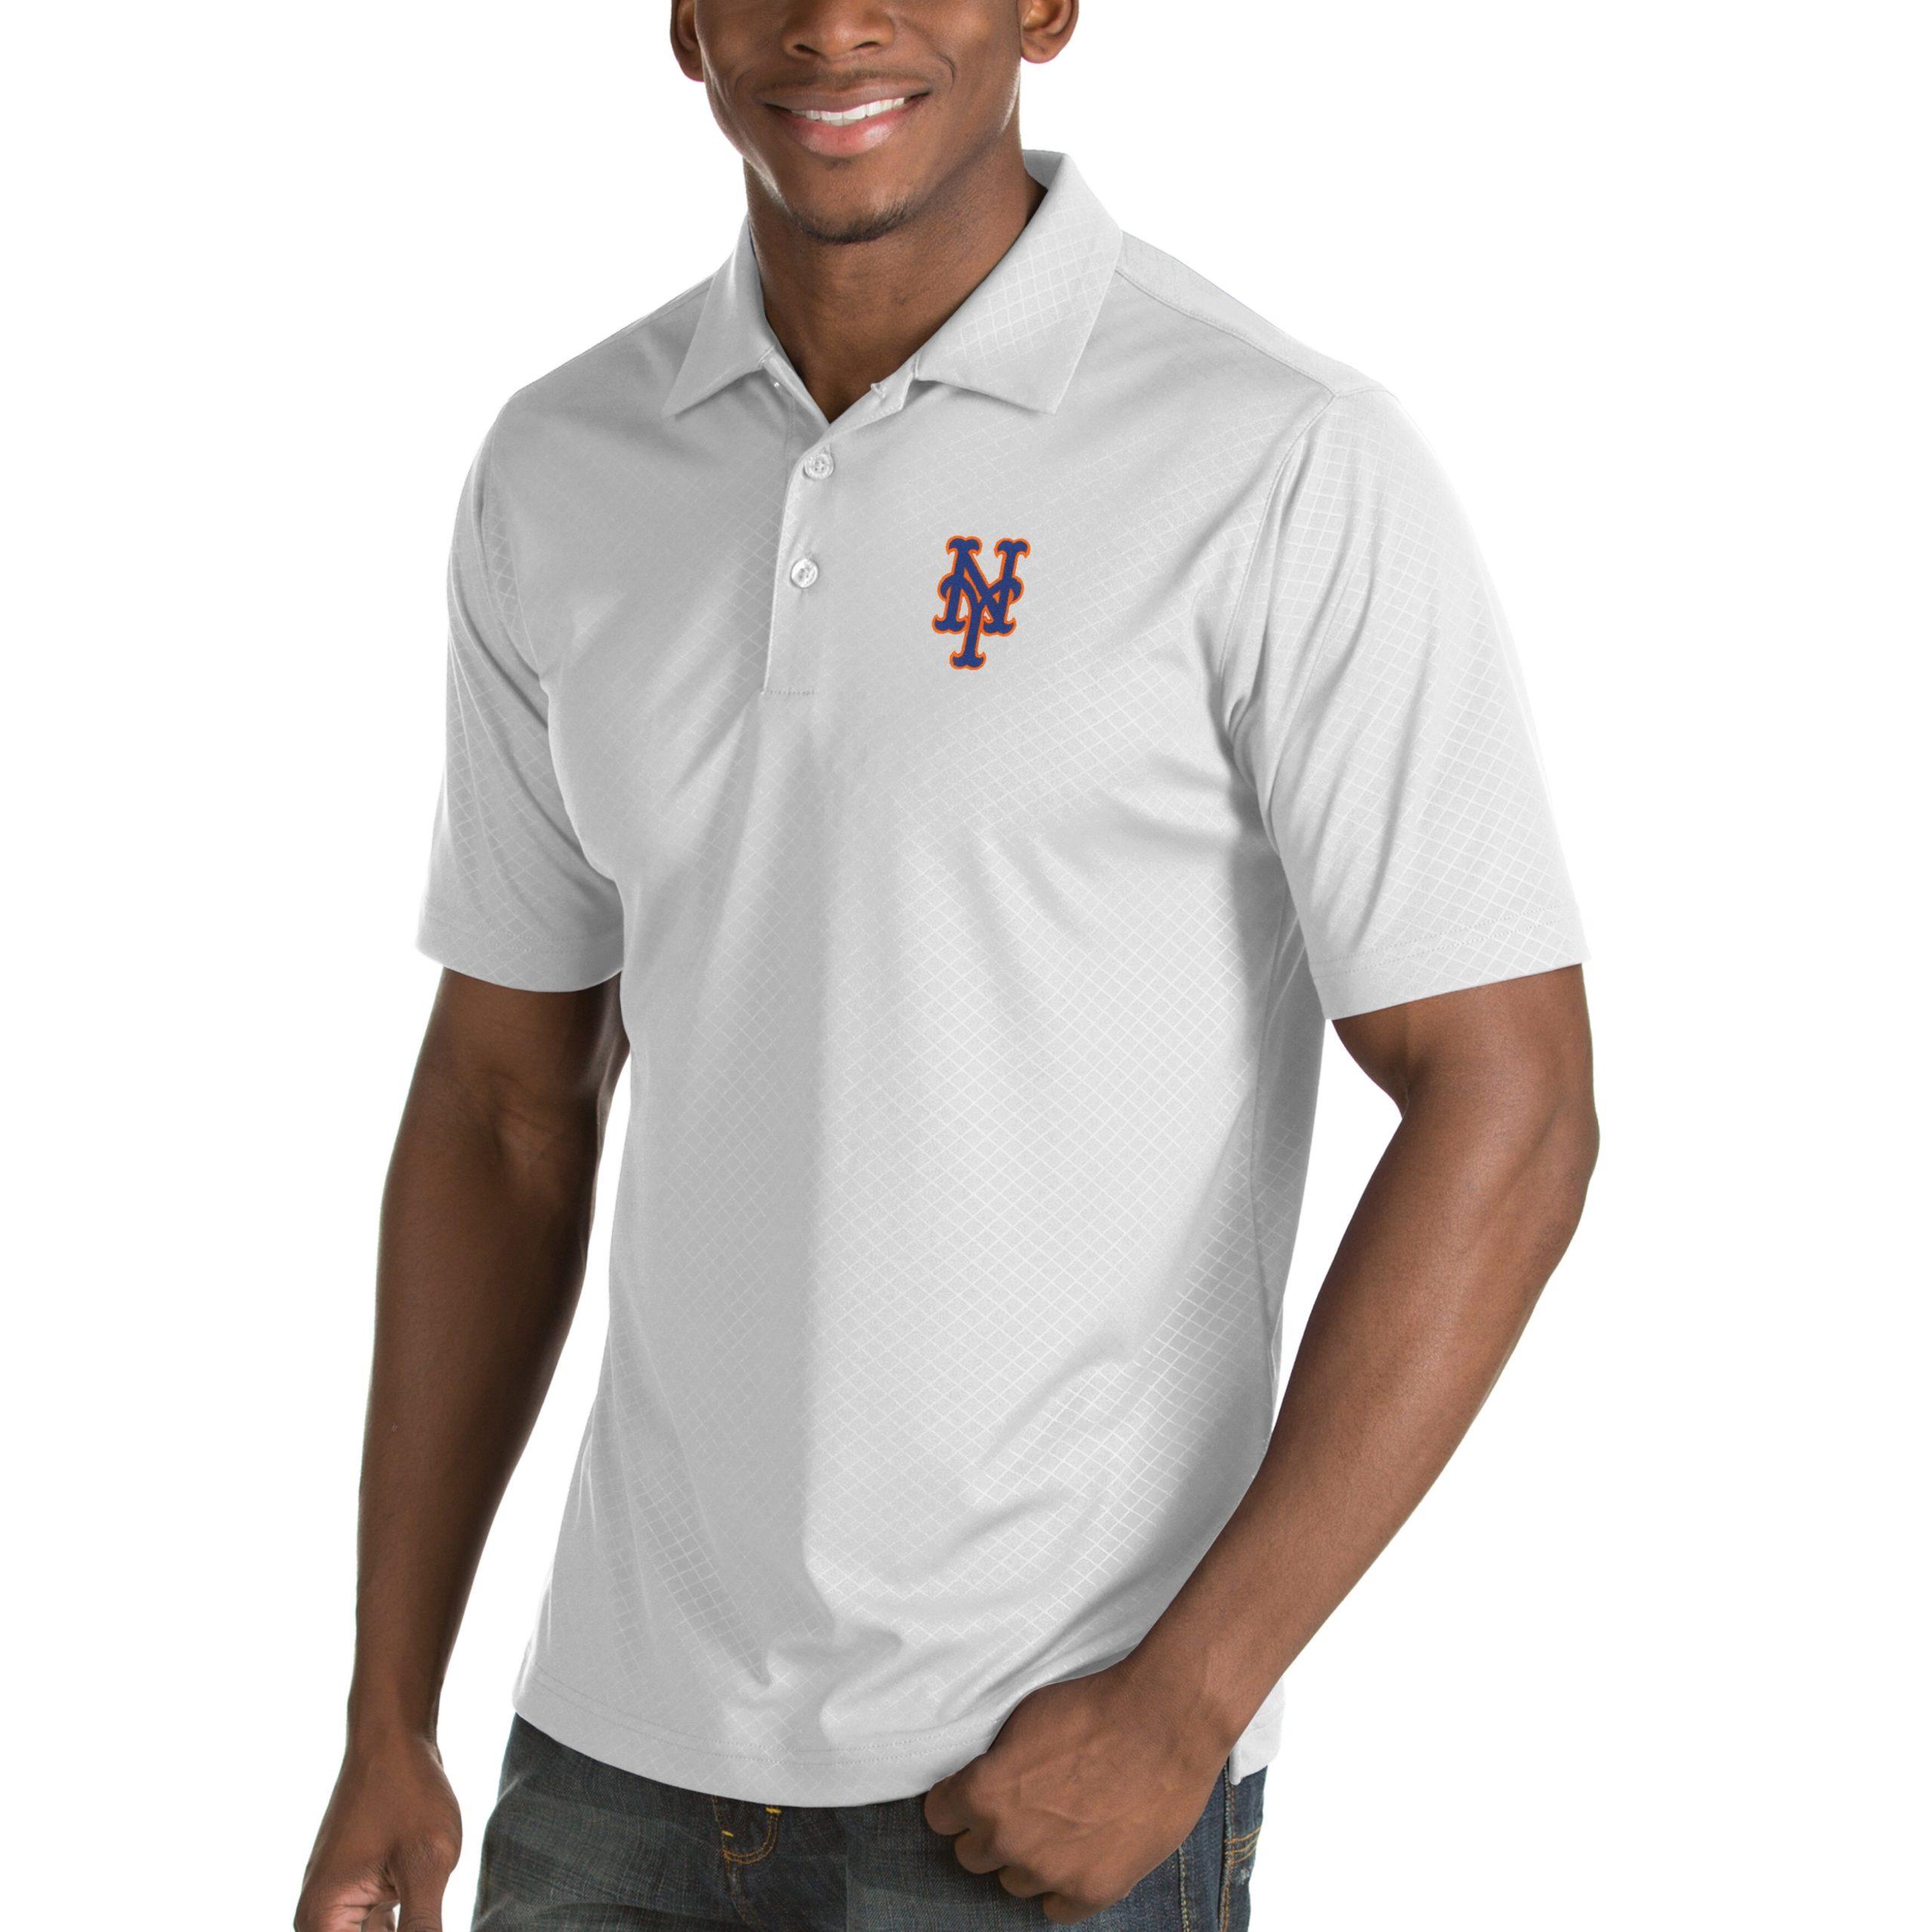 New York Mets Antigua Inspire Desert Dry Polo - White